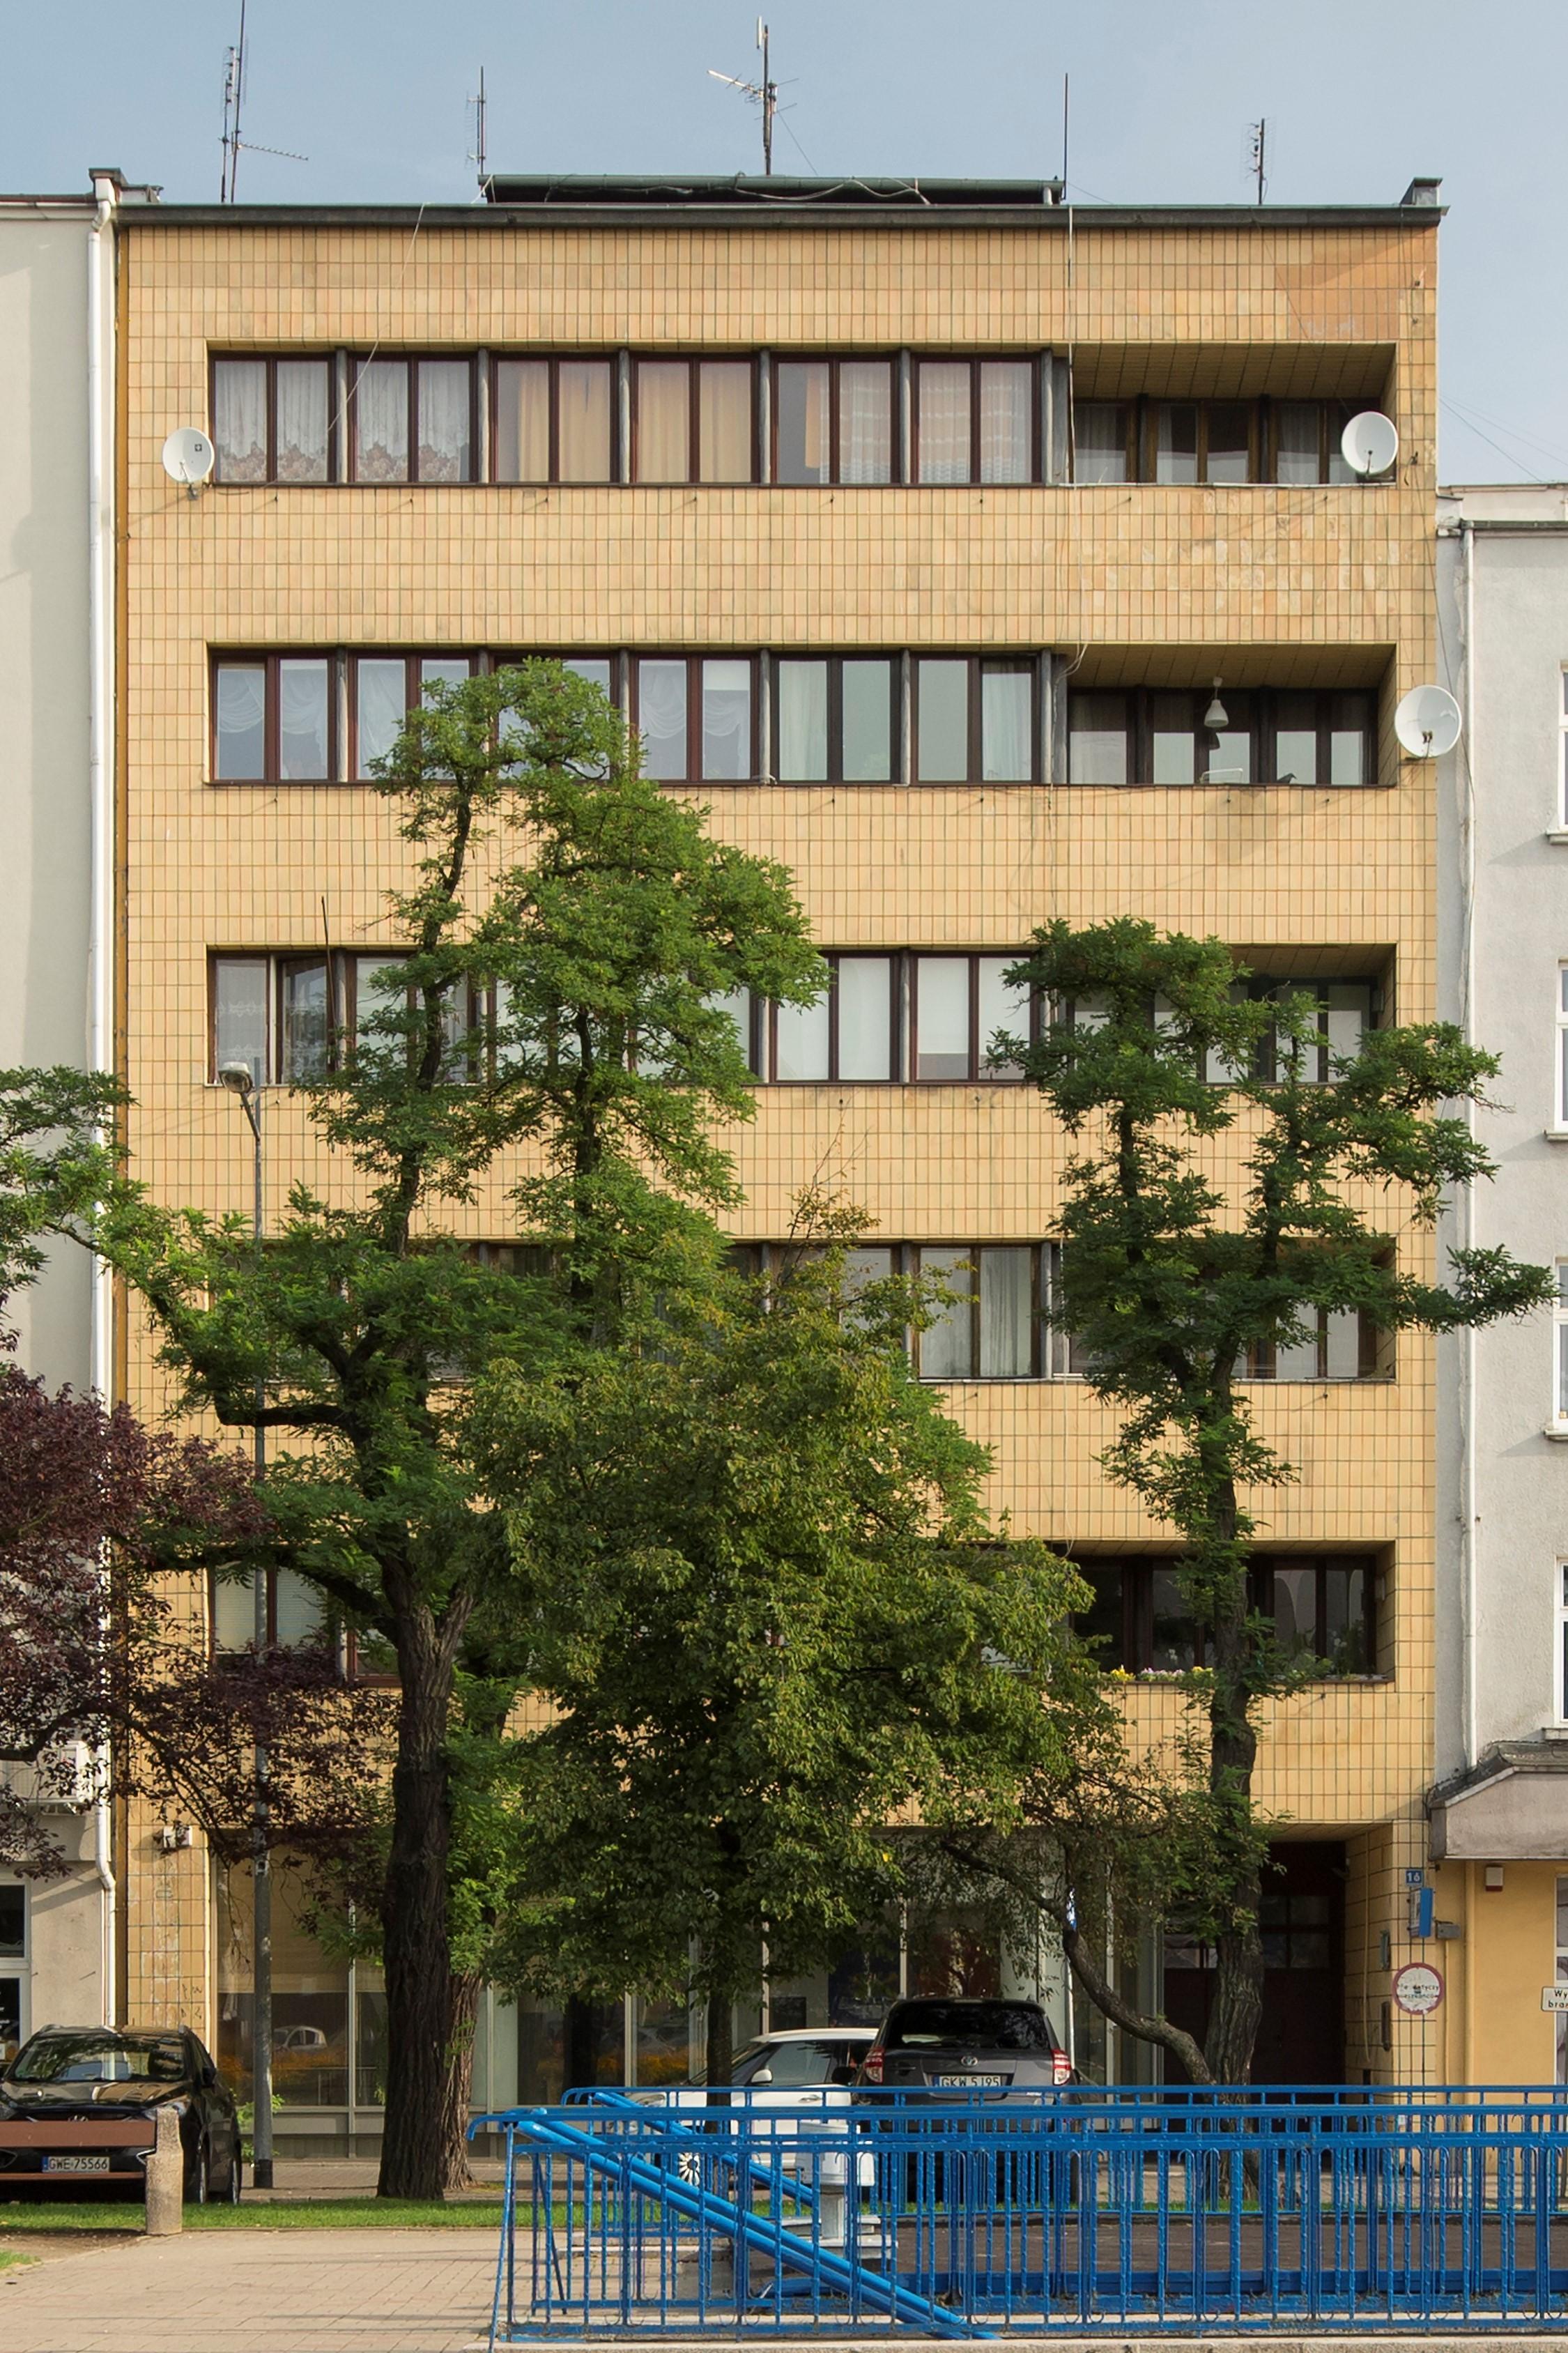 Kamienica przy skwerze Kościuszki 16, żółtymi płytkami oblicowano całą płaszczyznę elewacji.